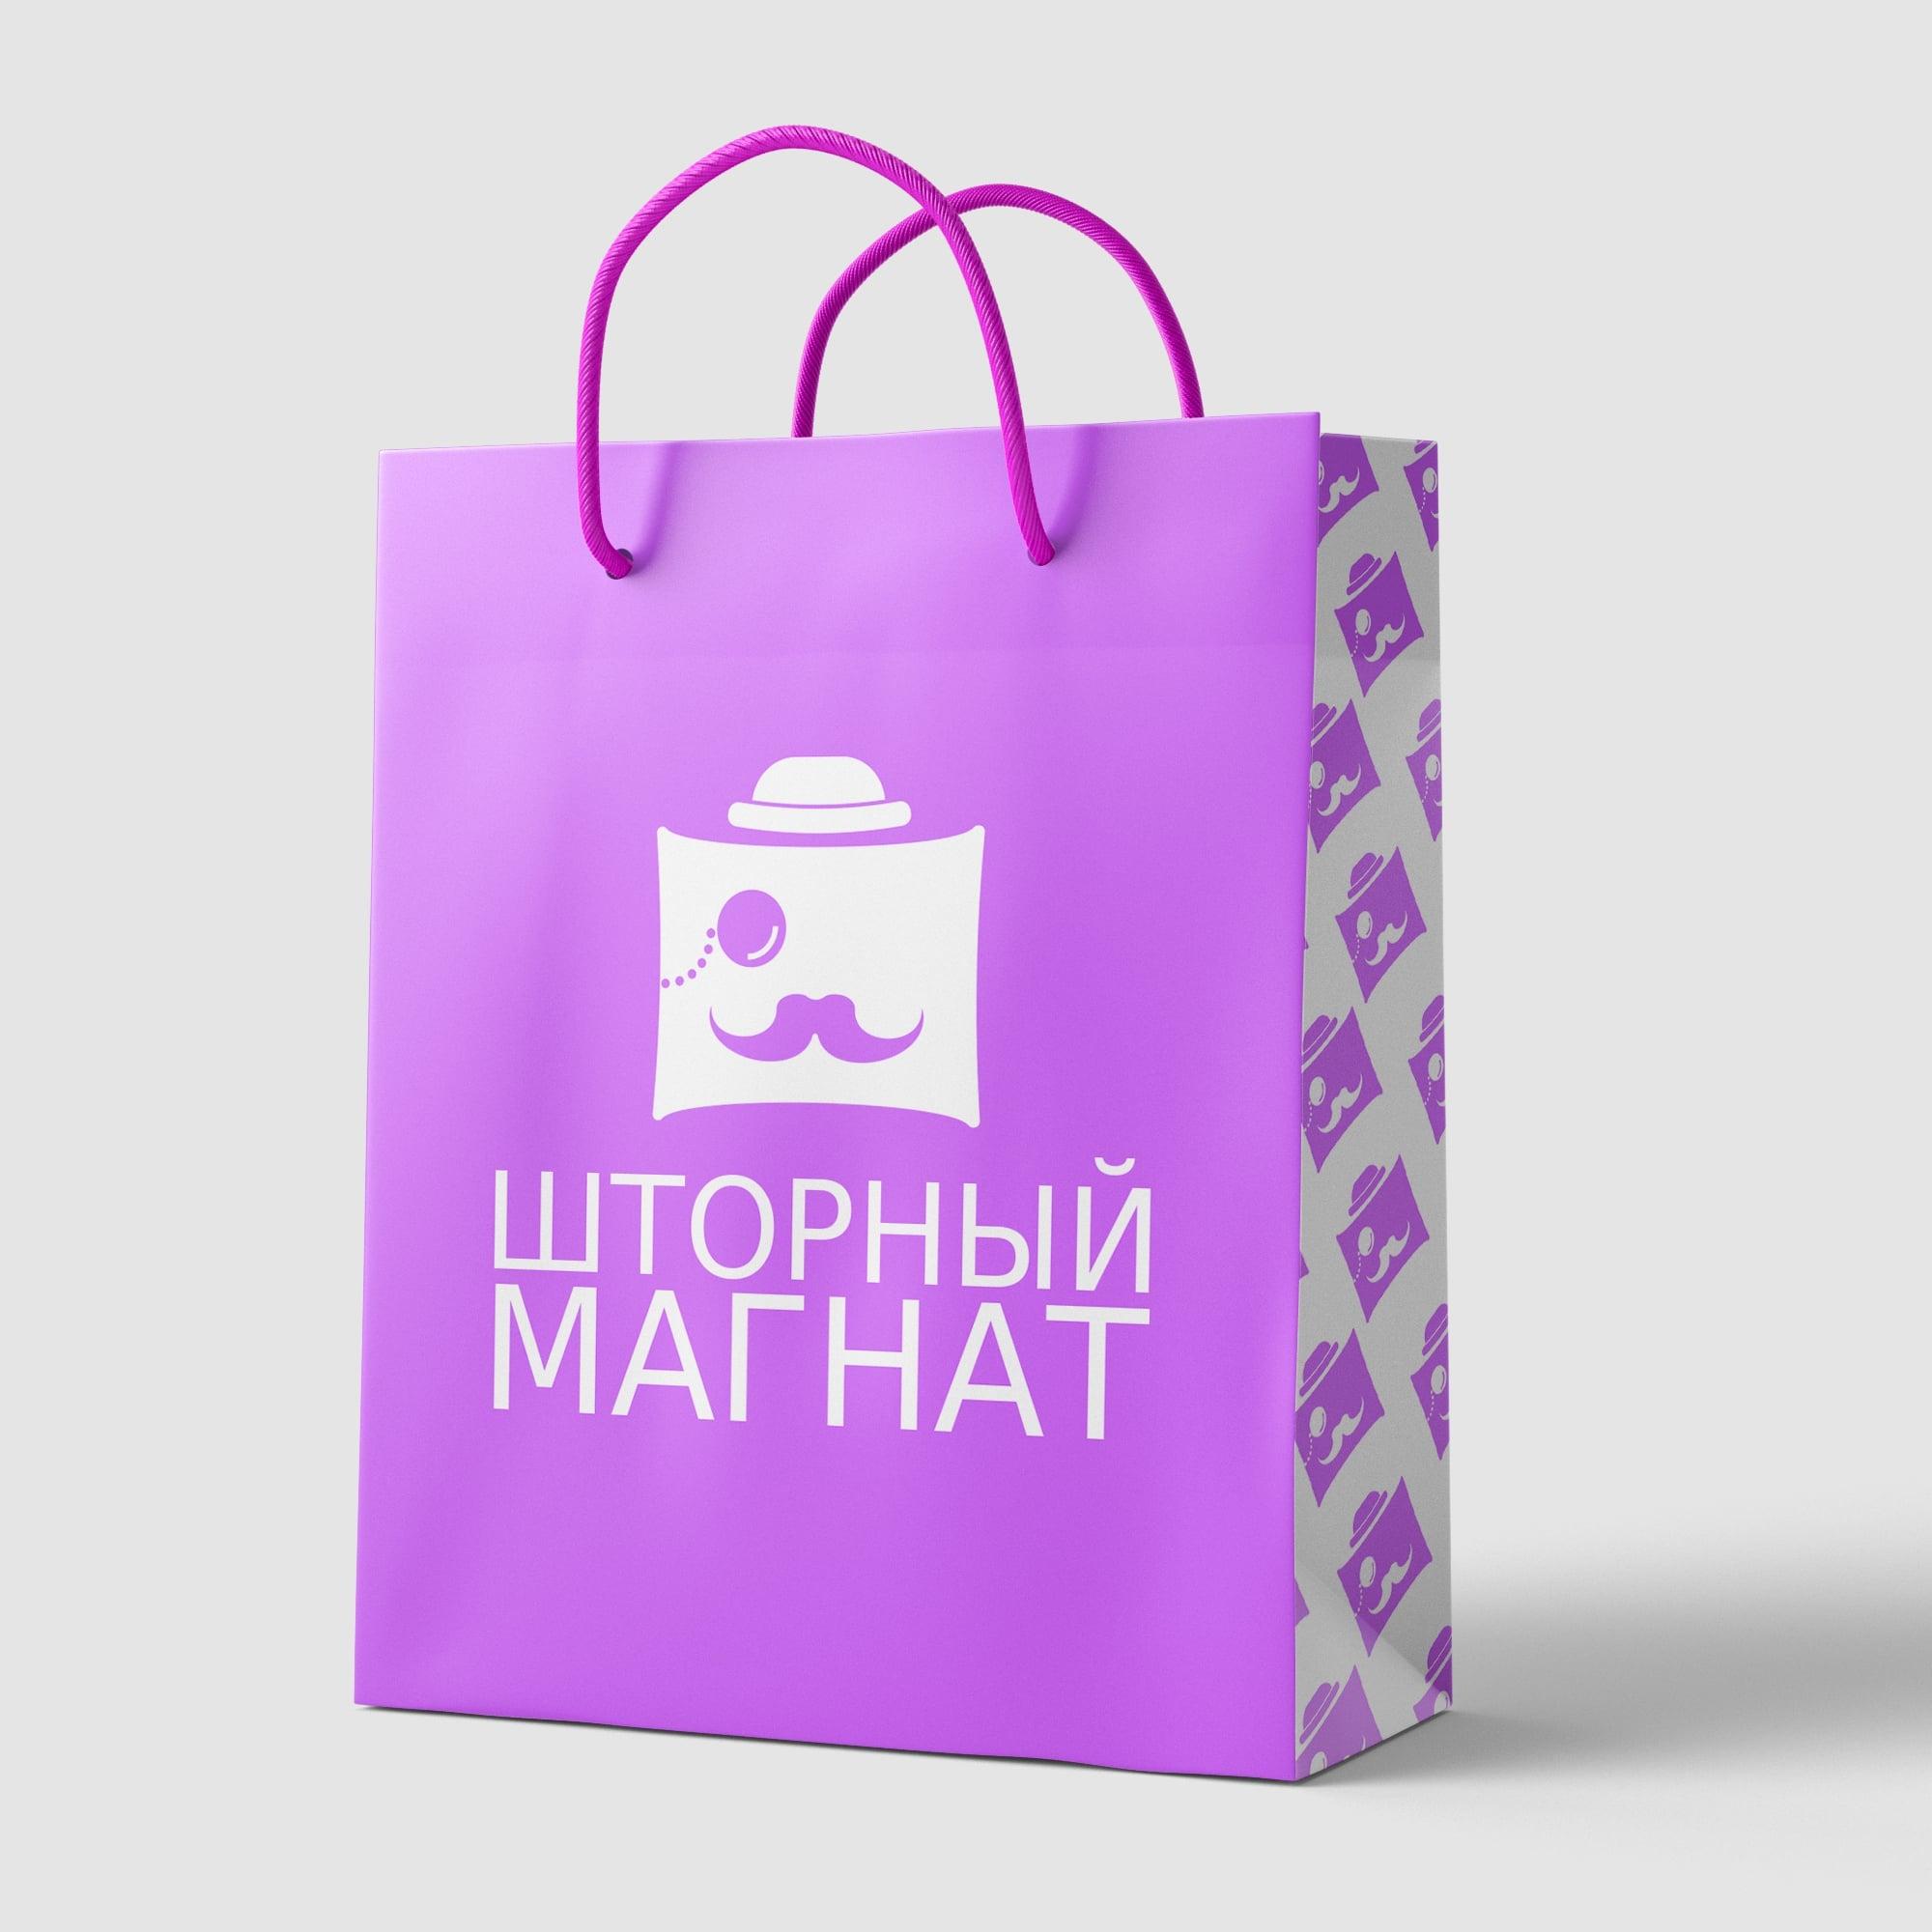 Логотип и фирменный стиль для магазина тканей. фото f_4205ce6cff09ca36.jpg